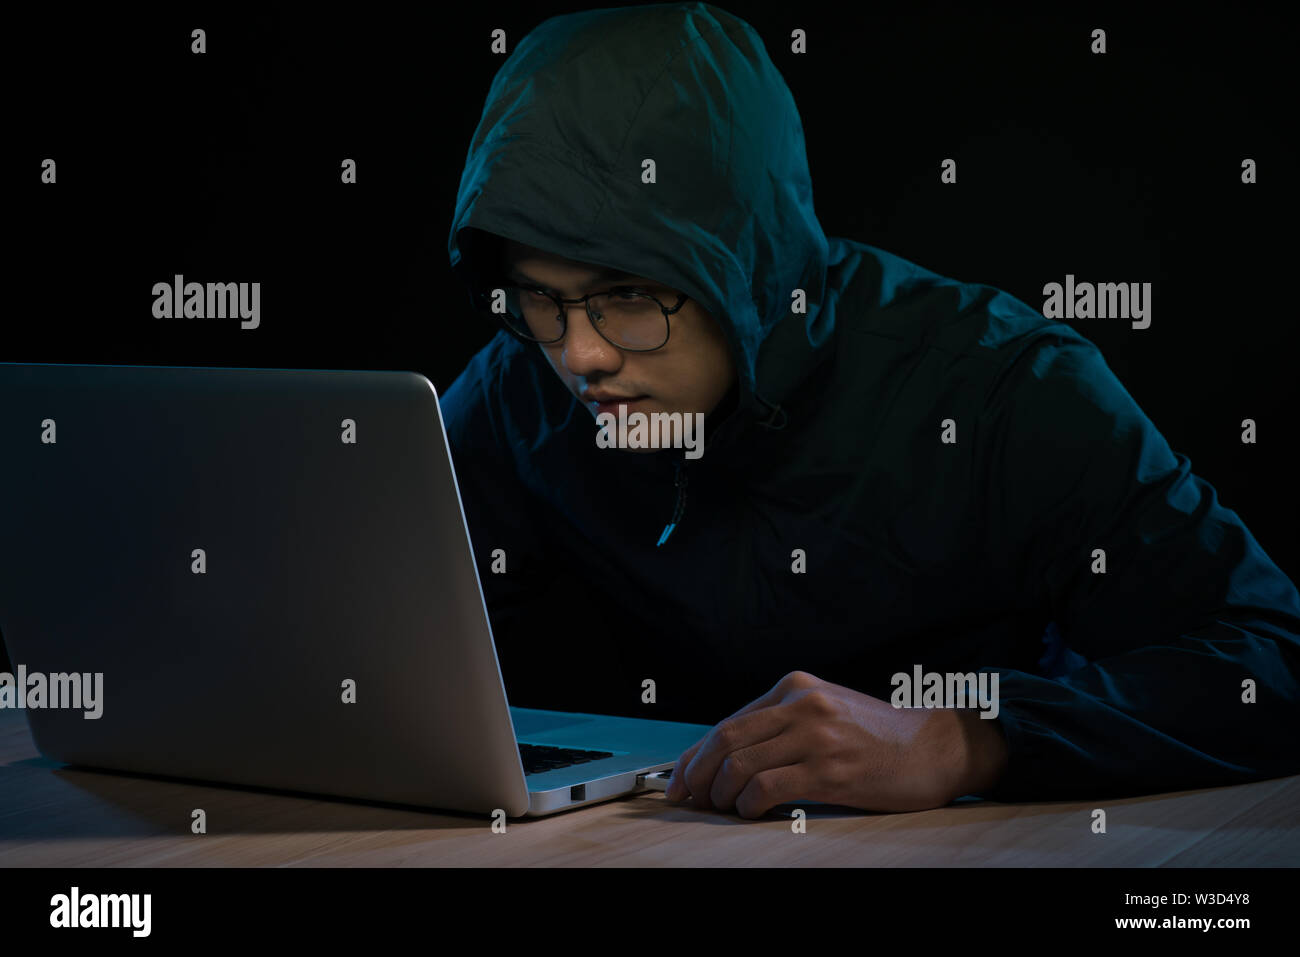 Computer hacker working in dark room - Stock Image